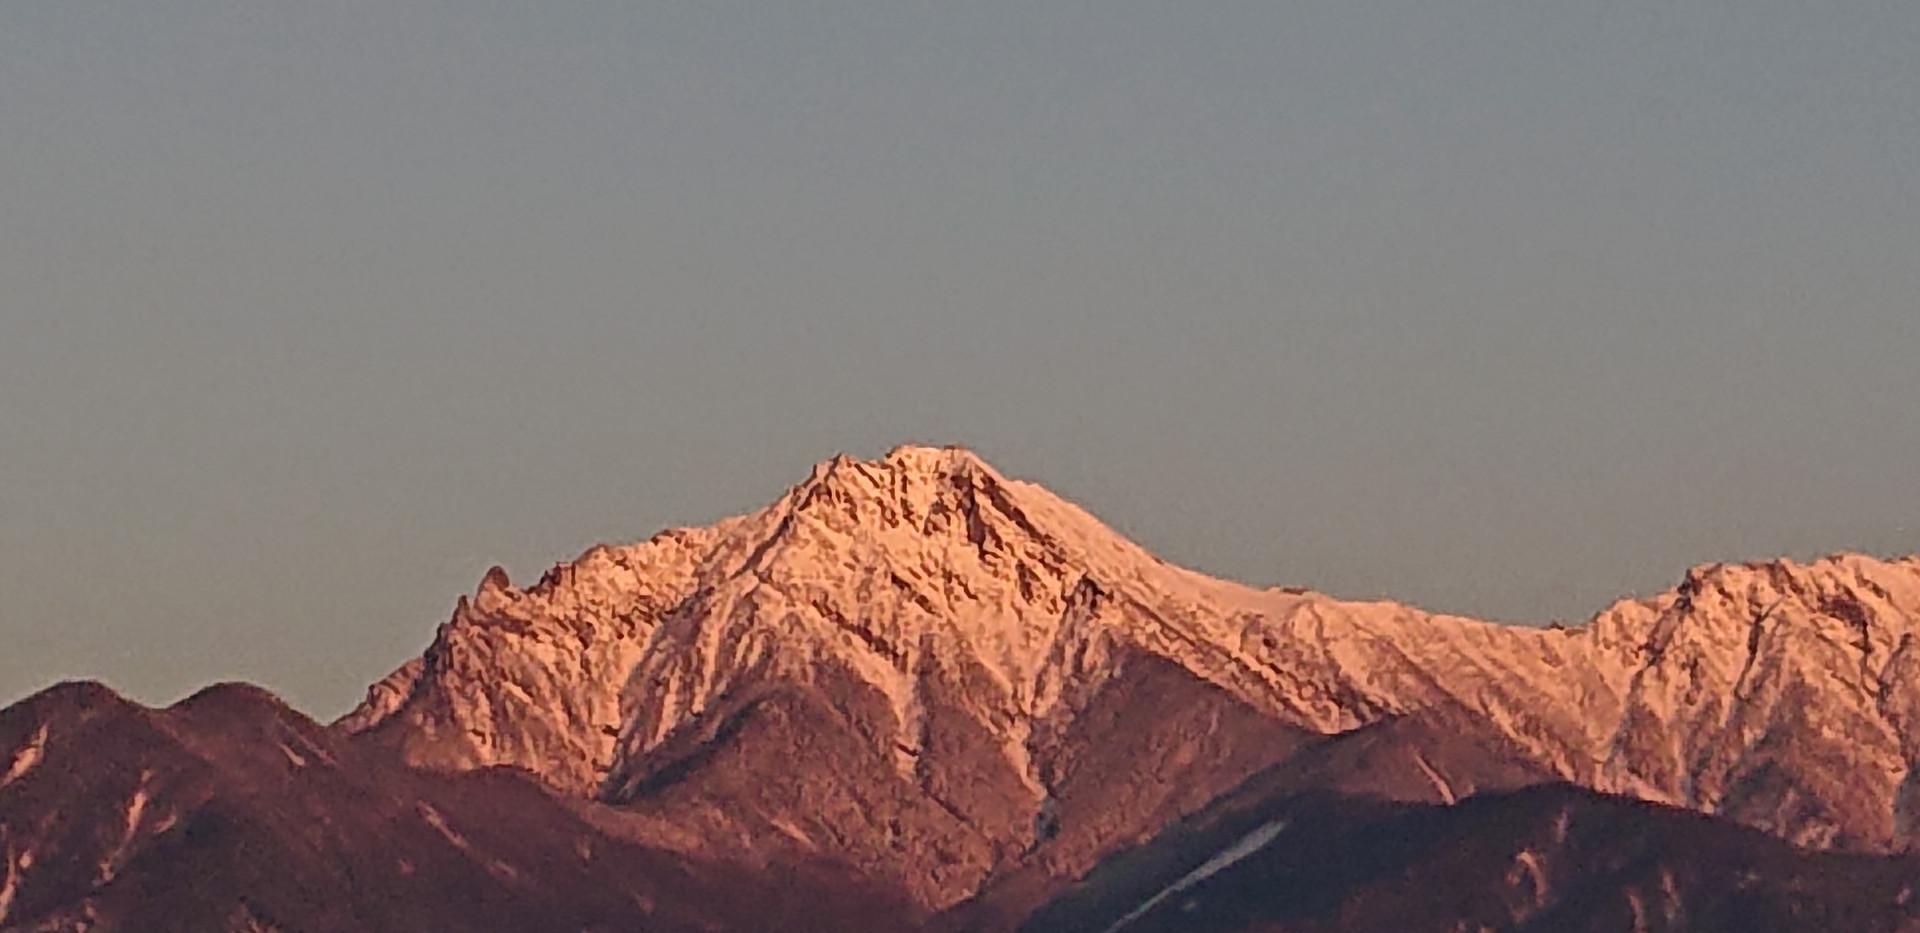 朝焼けの八ヶ岳 主峰「赤岳」